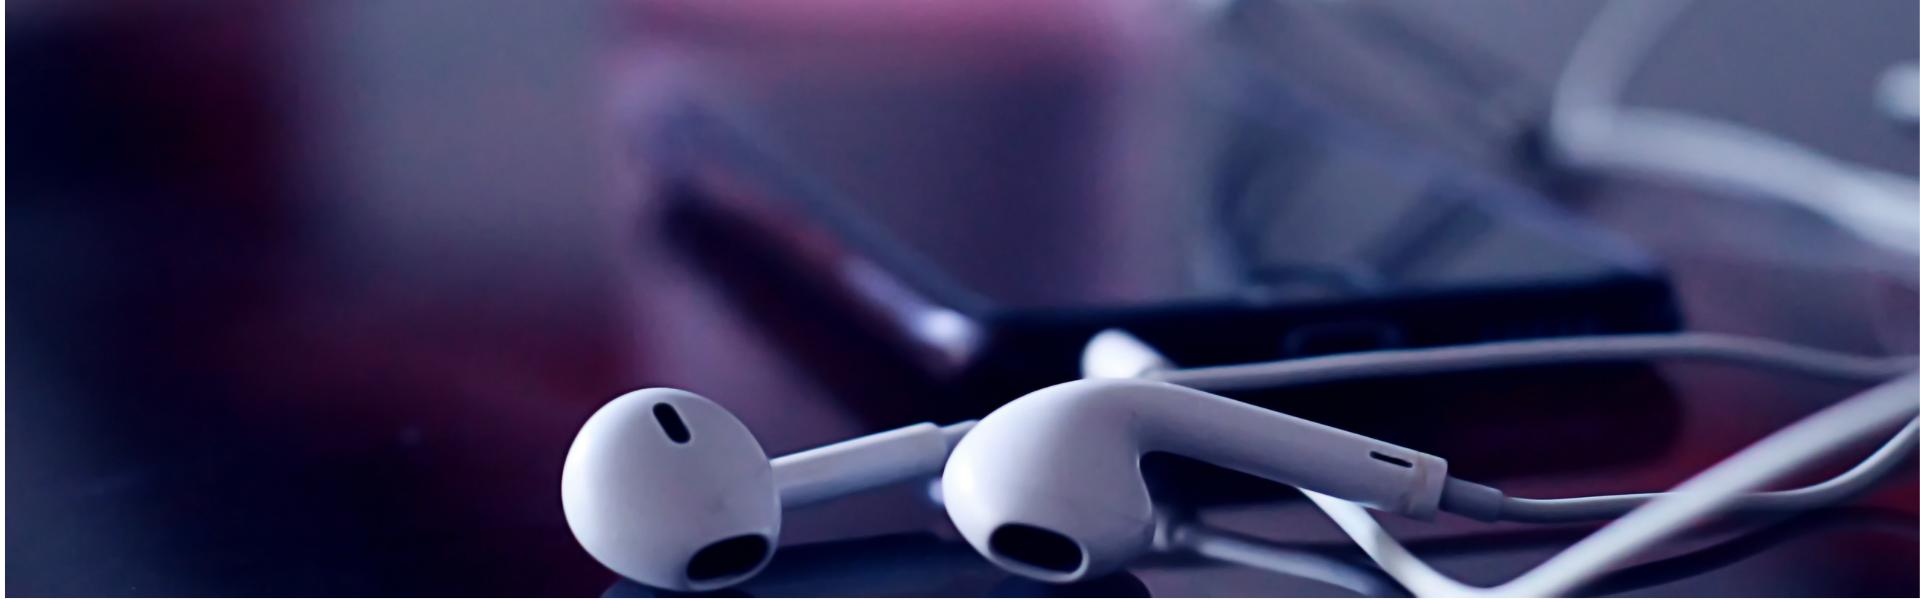 telefon, kõrvaklapid